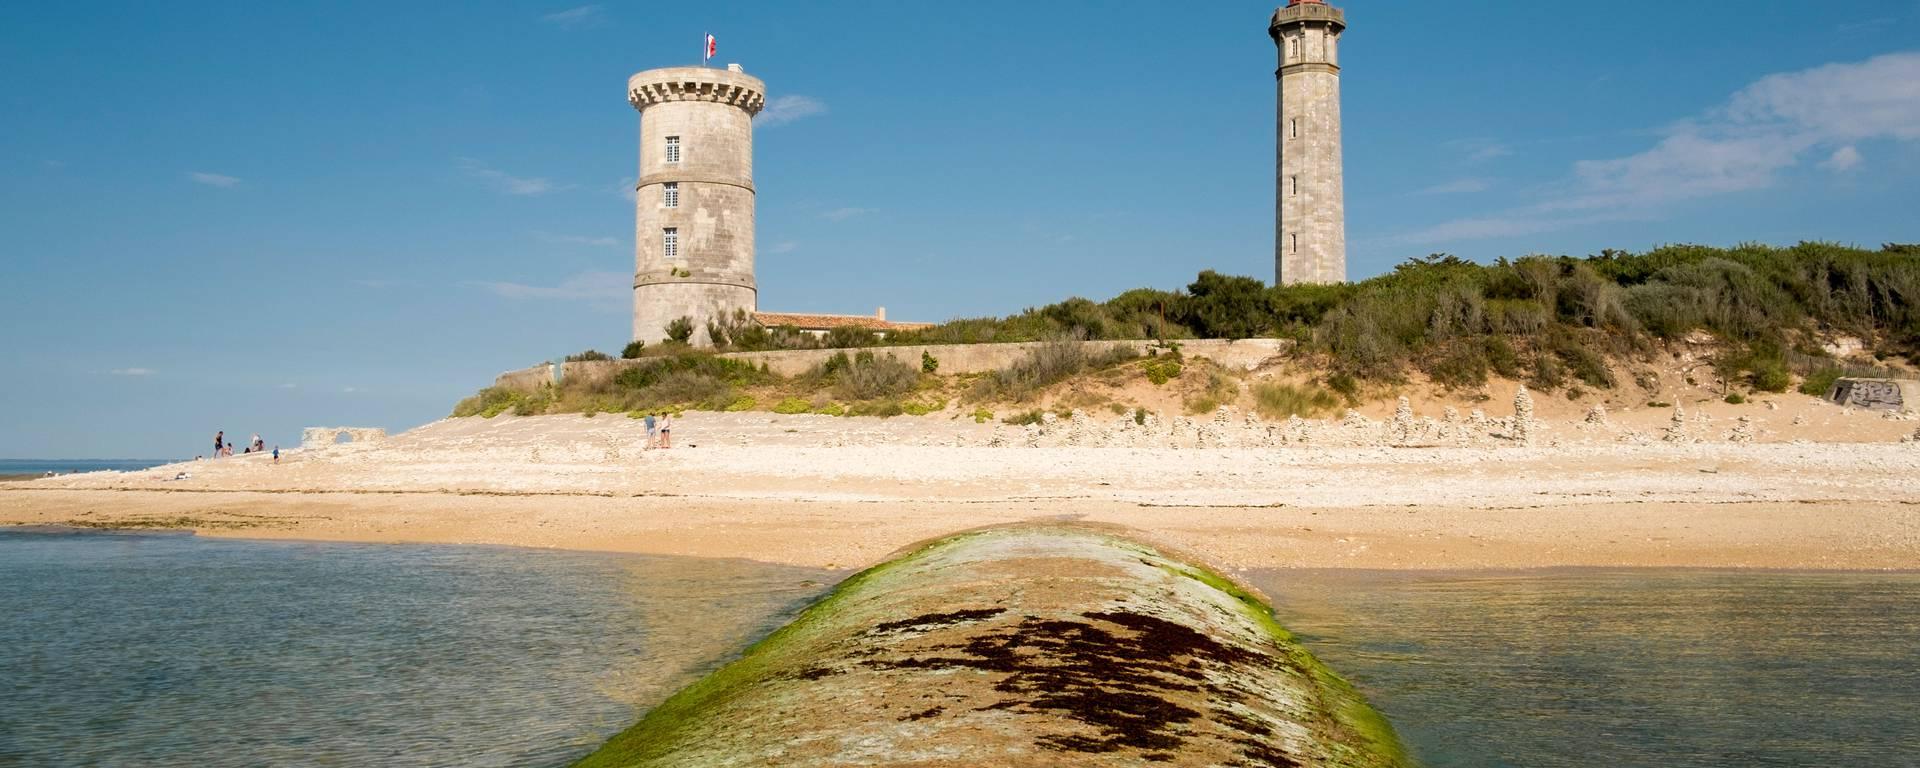 Le Phare des Baleines et la Tour des Baleines à saint-Clément-des-Baleines